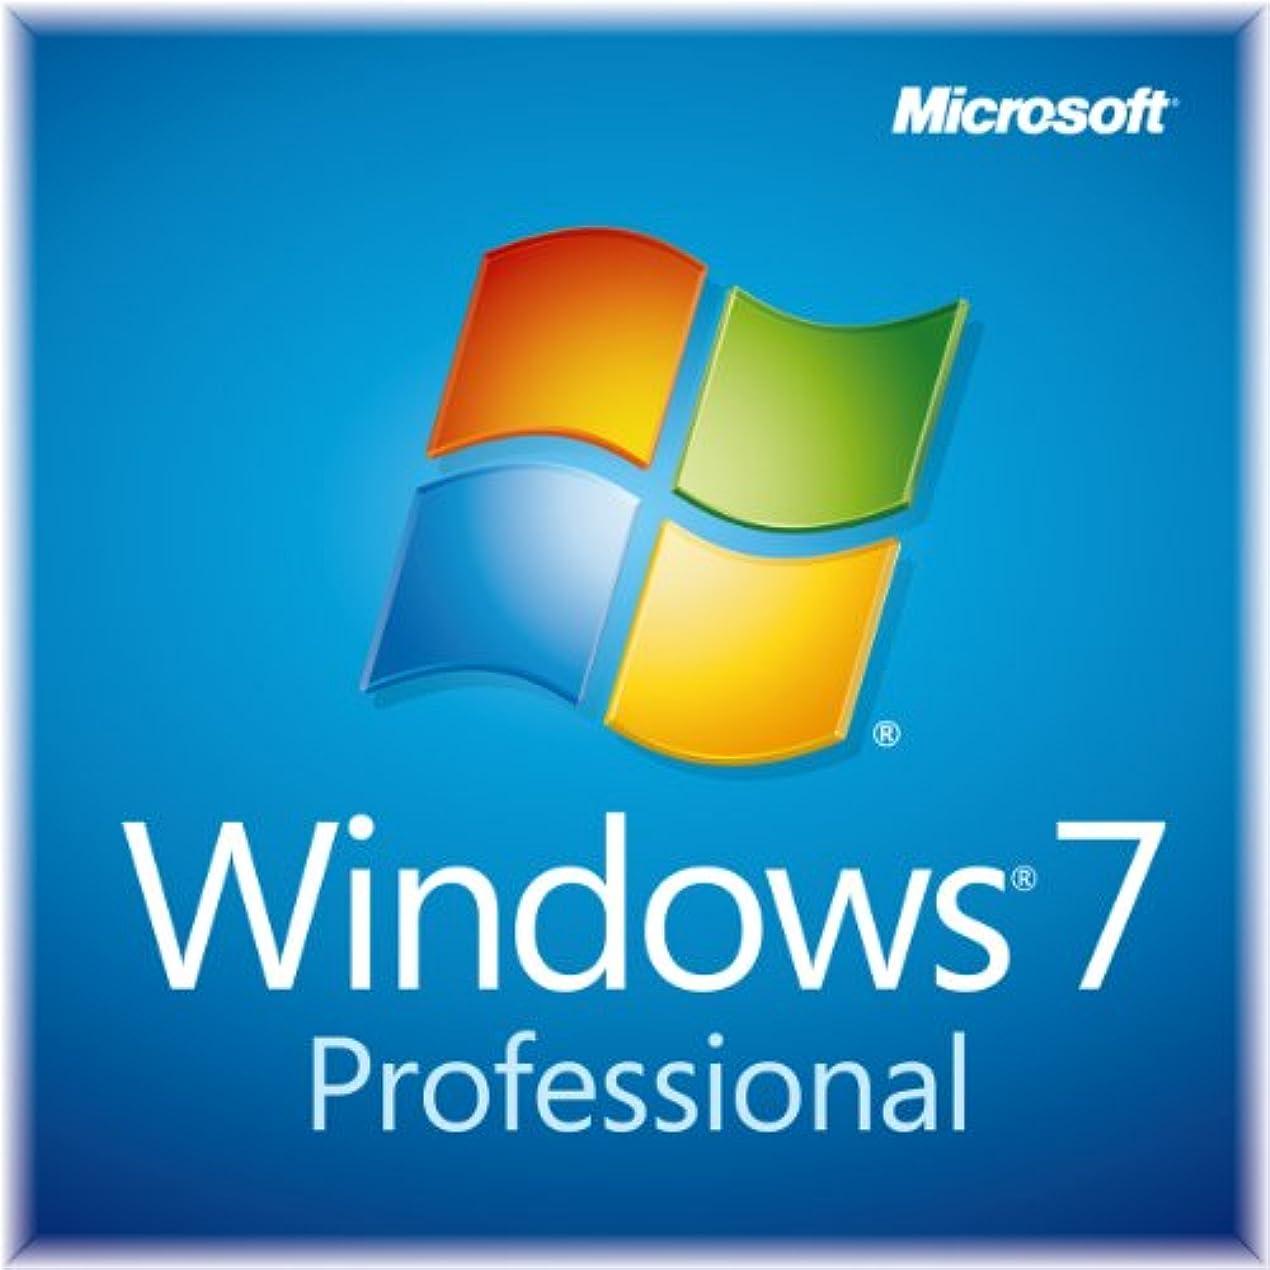 情報すきシステムMicrosoft Windows7 Professional 64bit Service Pack 1 日本語 DSP版 DVD 【USB拡張ボードセット】